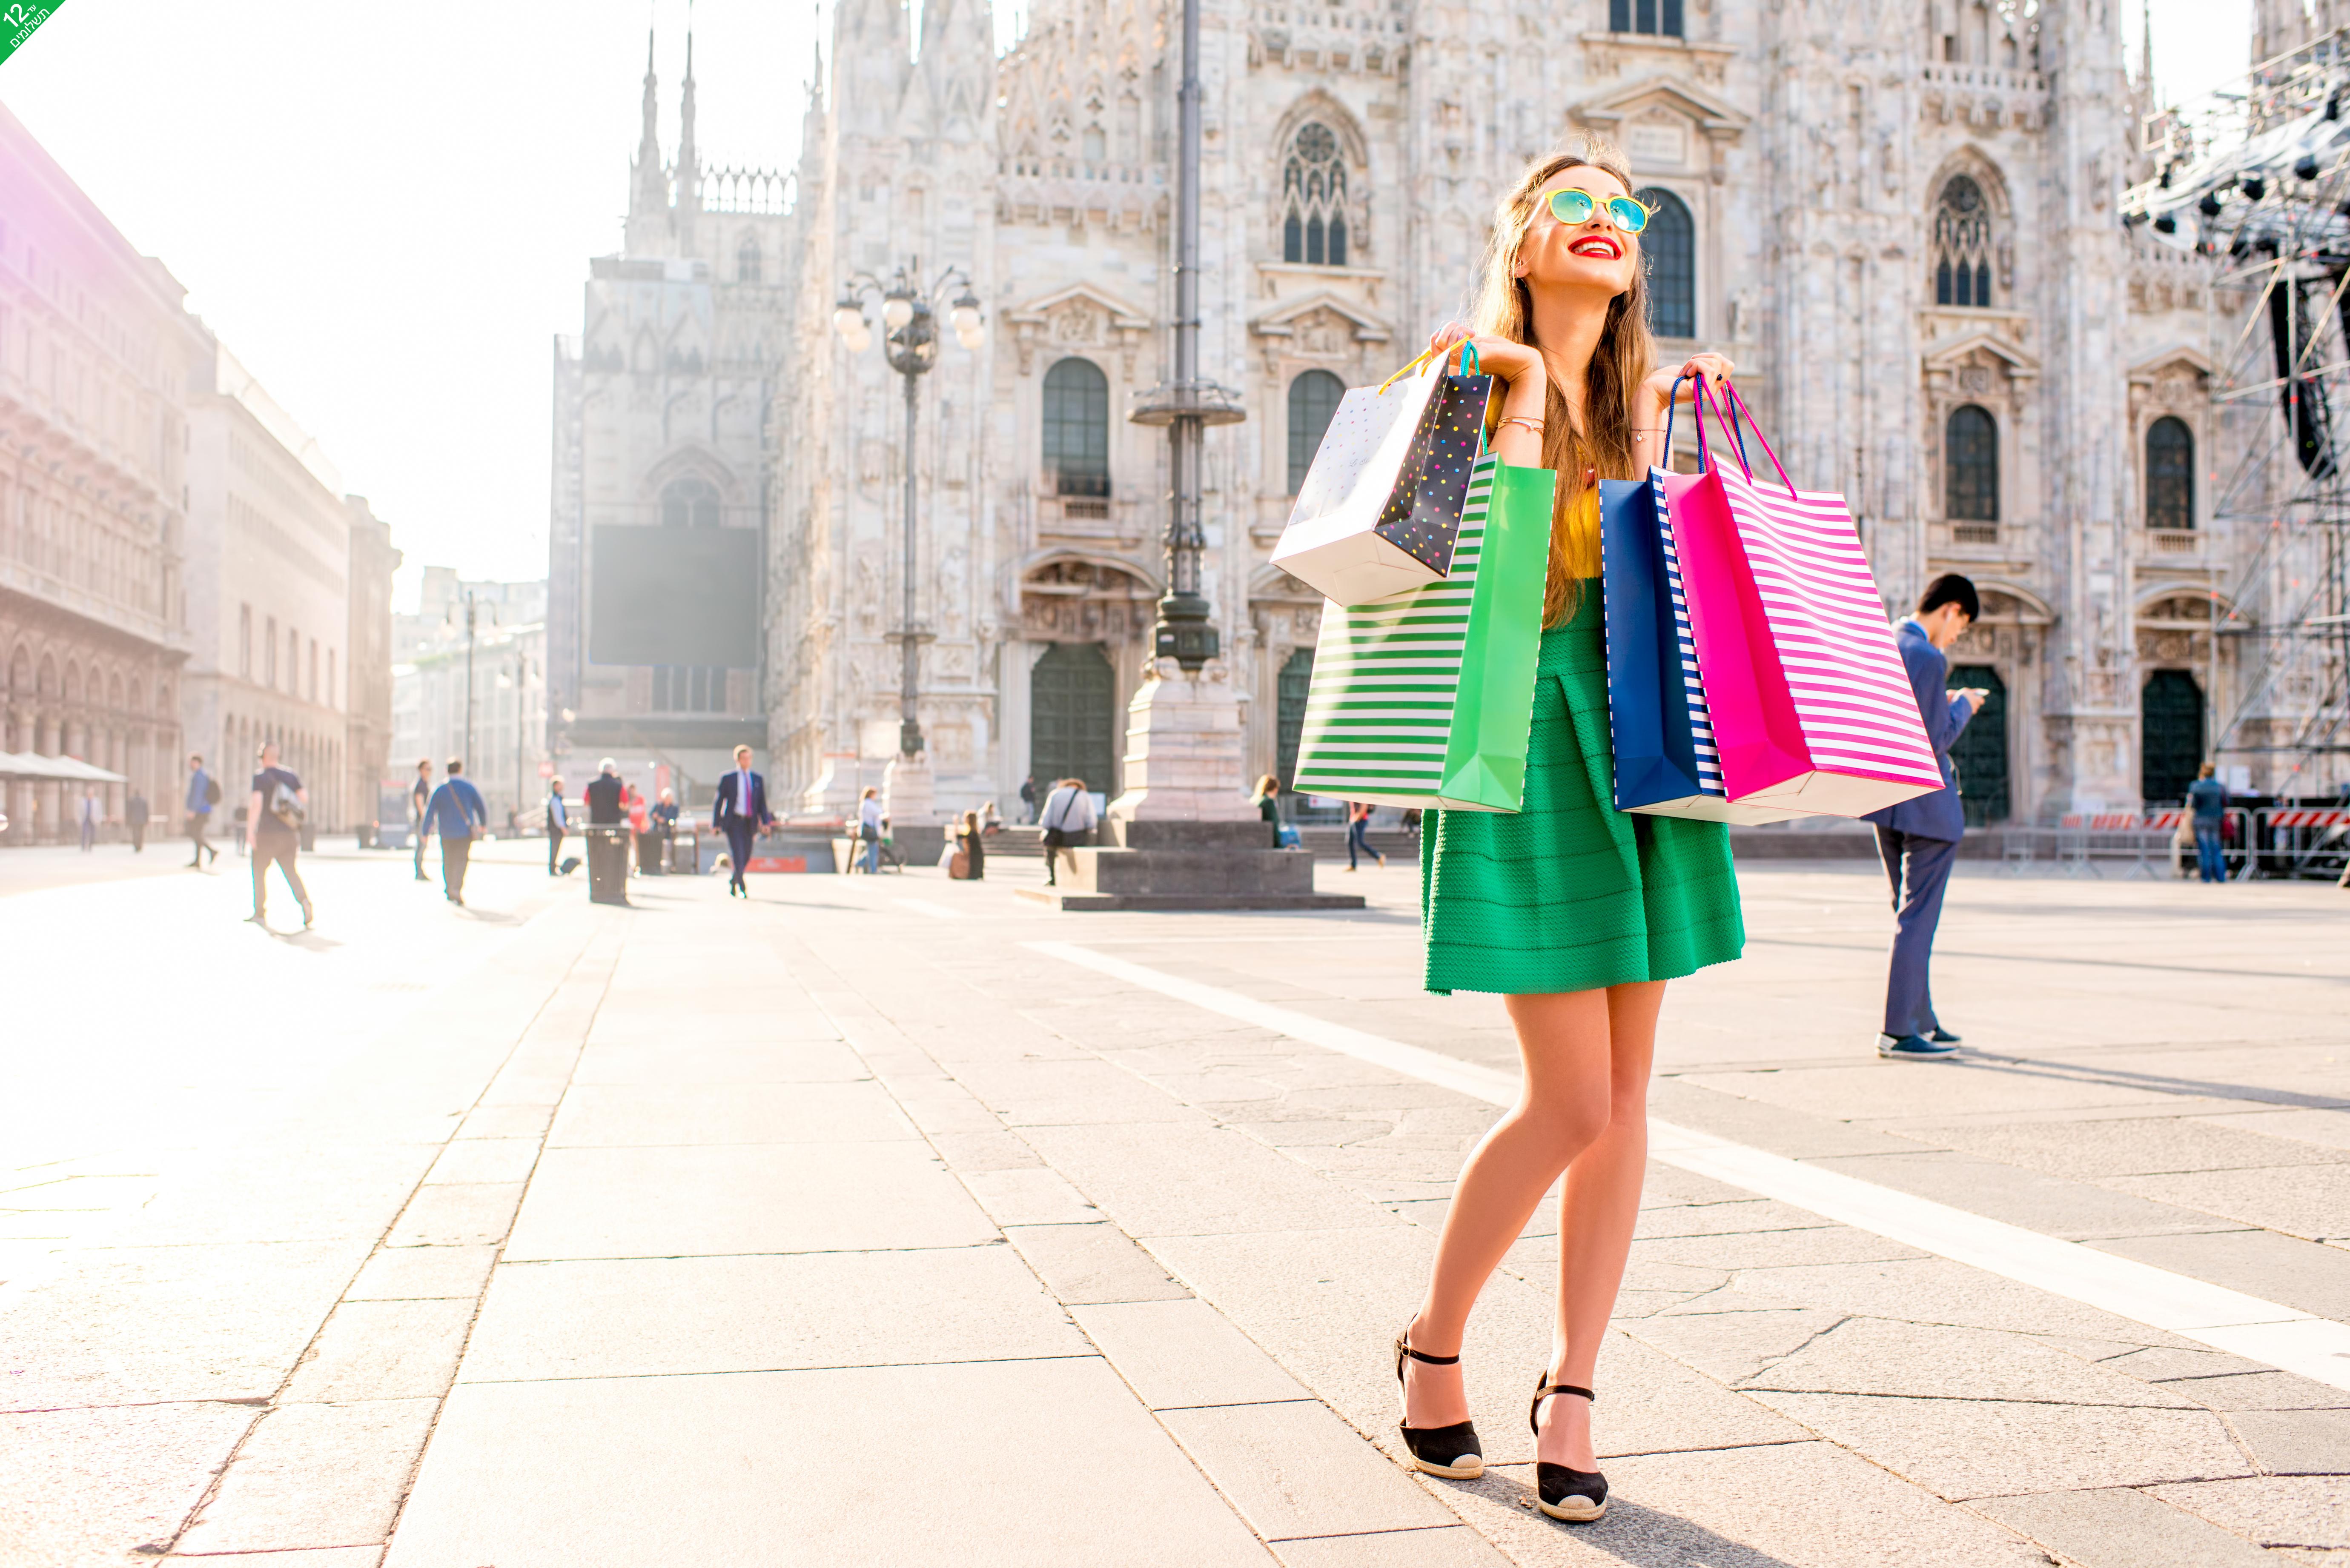 3 Camila Cabello במילאנו - שופינג, אוכל איטלקי והופעה בלתי נשכחת